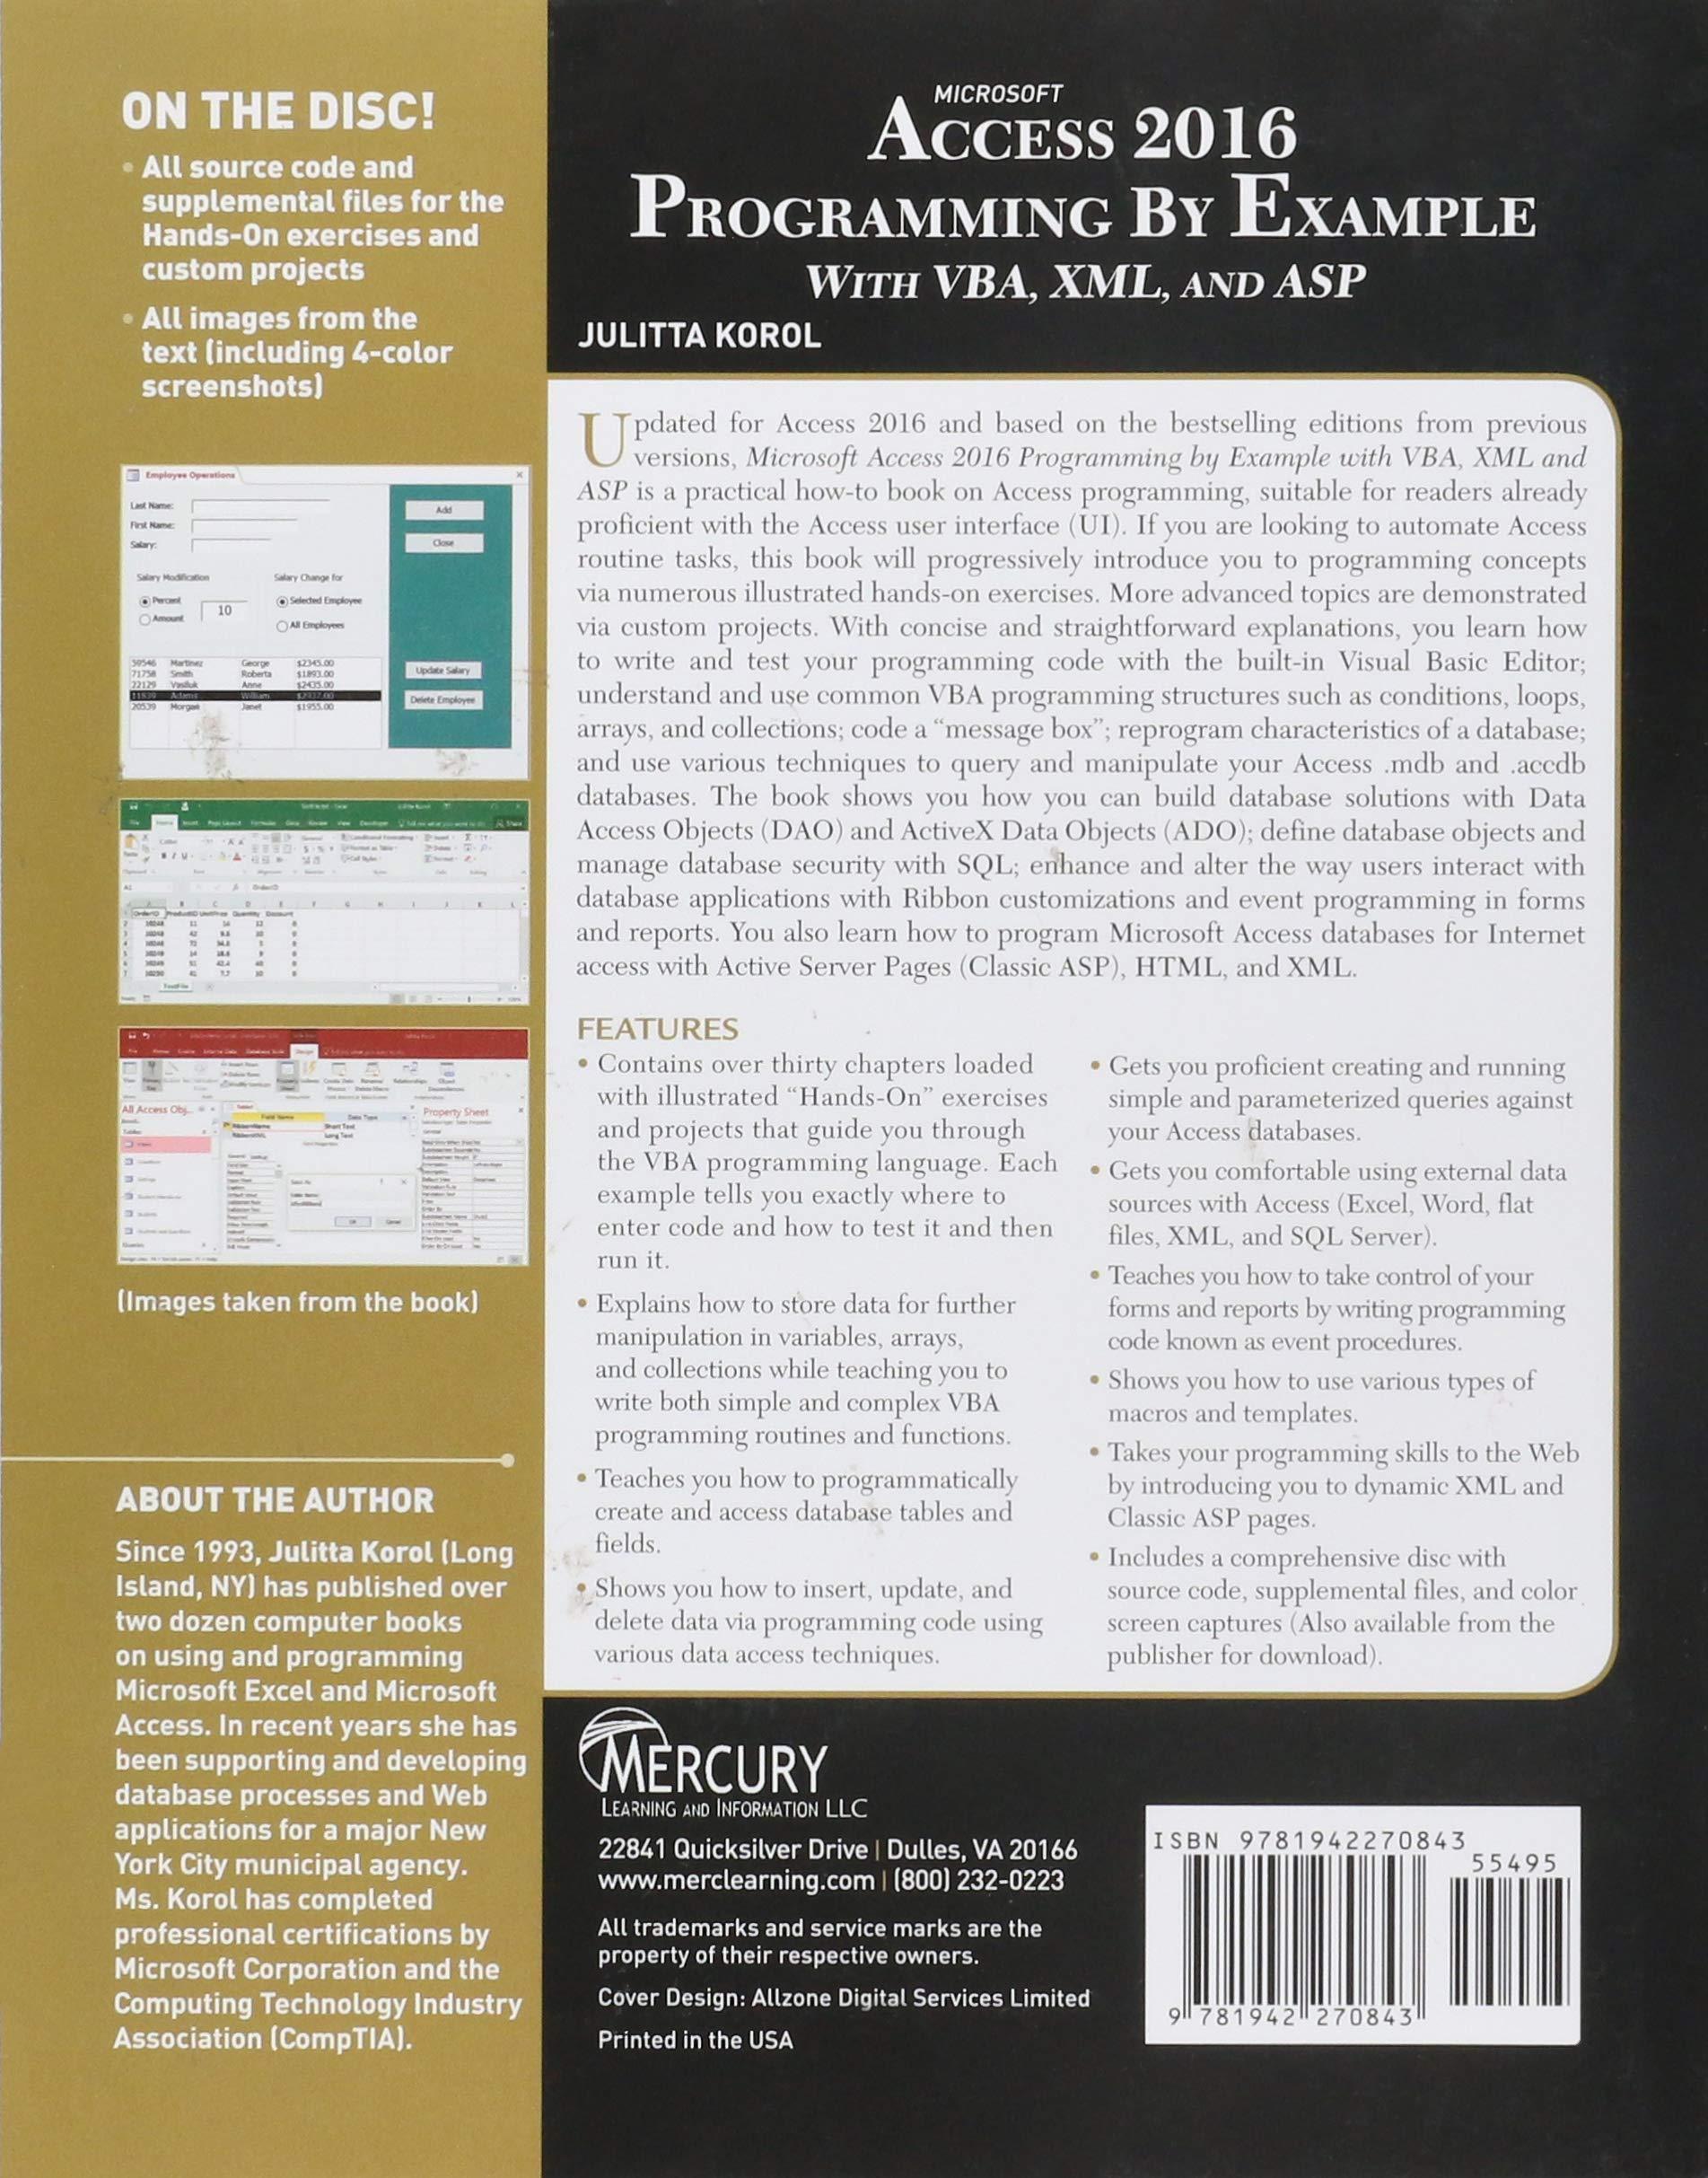 microsoft access 2016 book